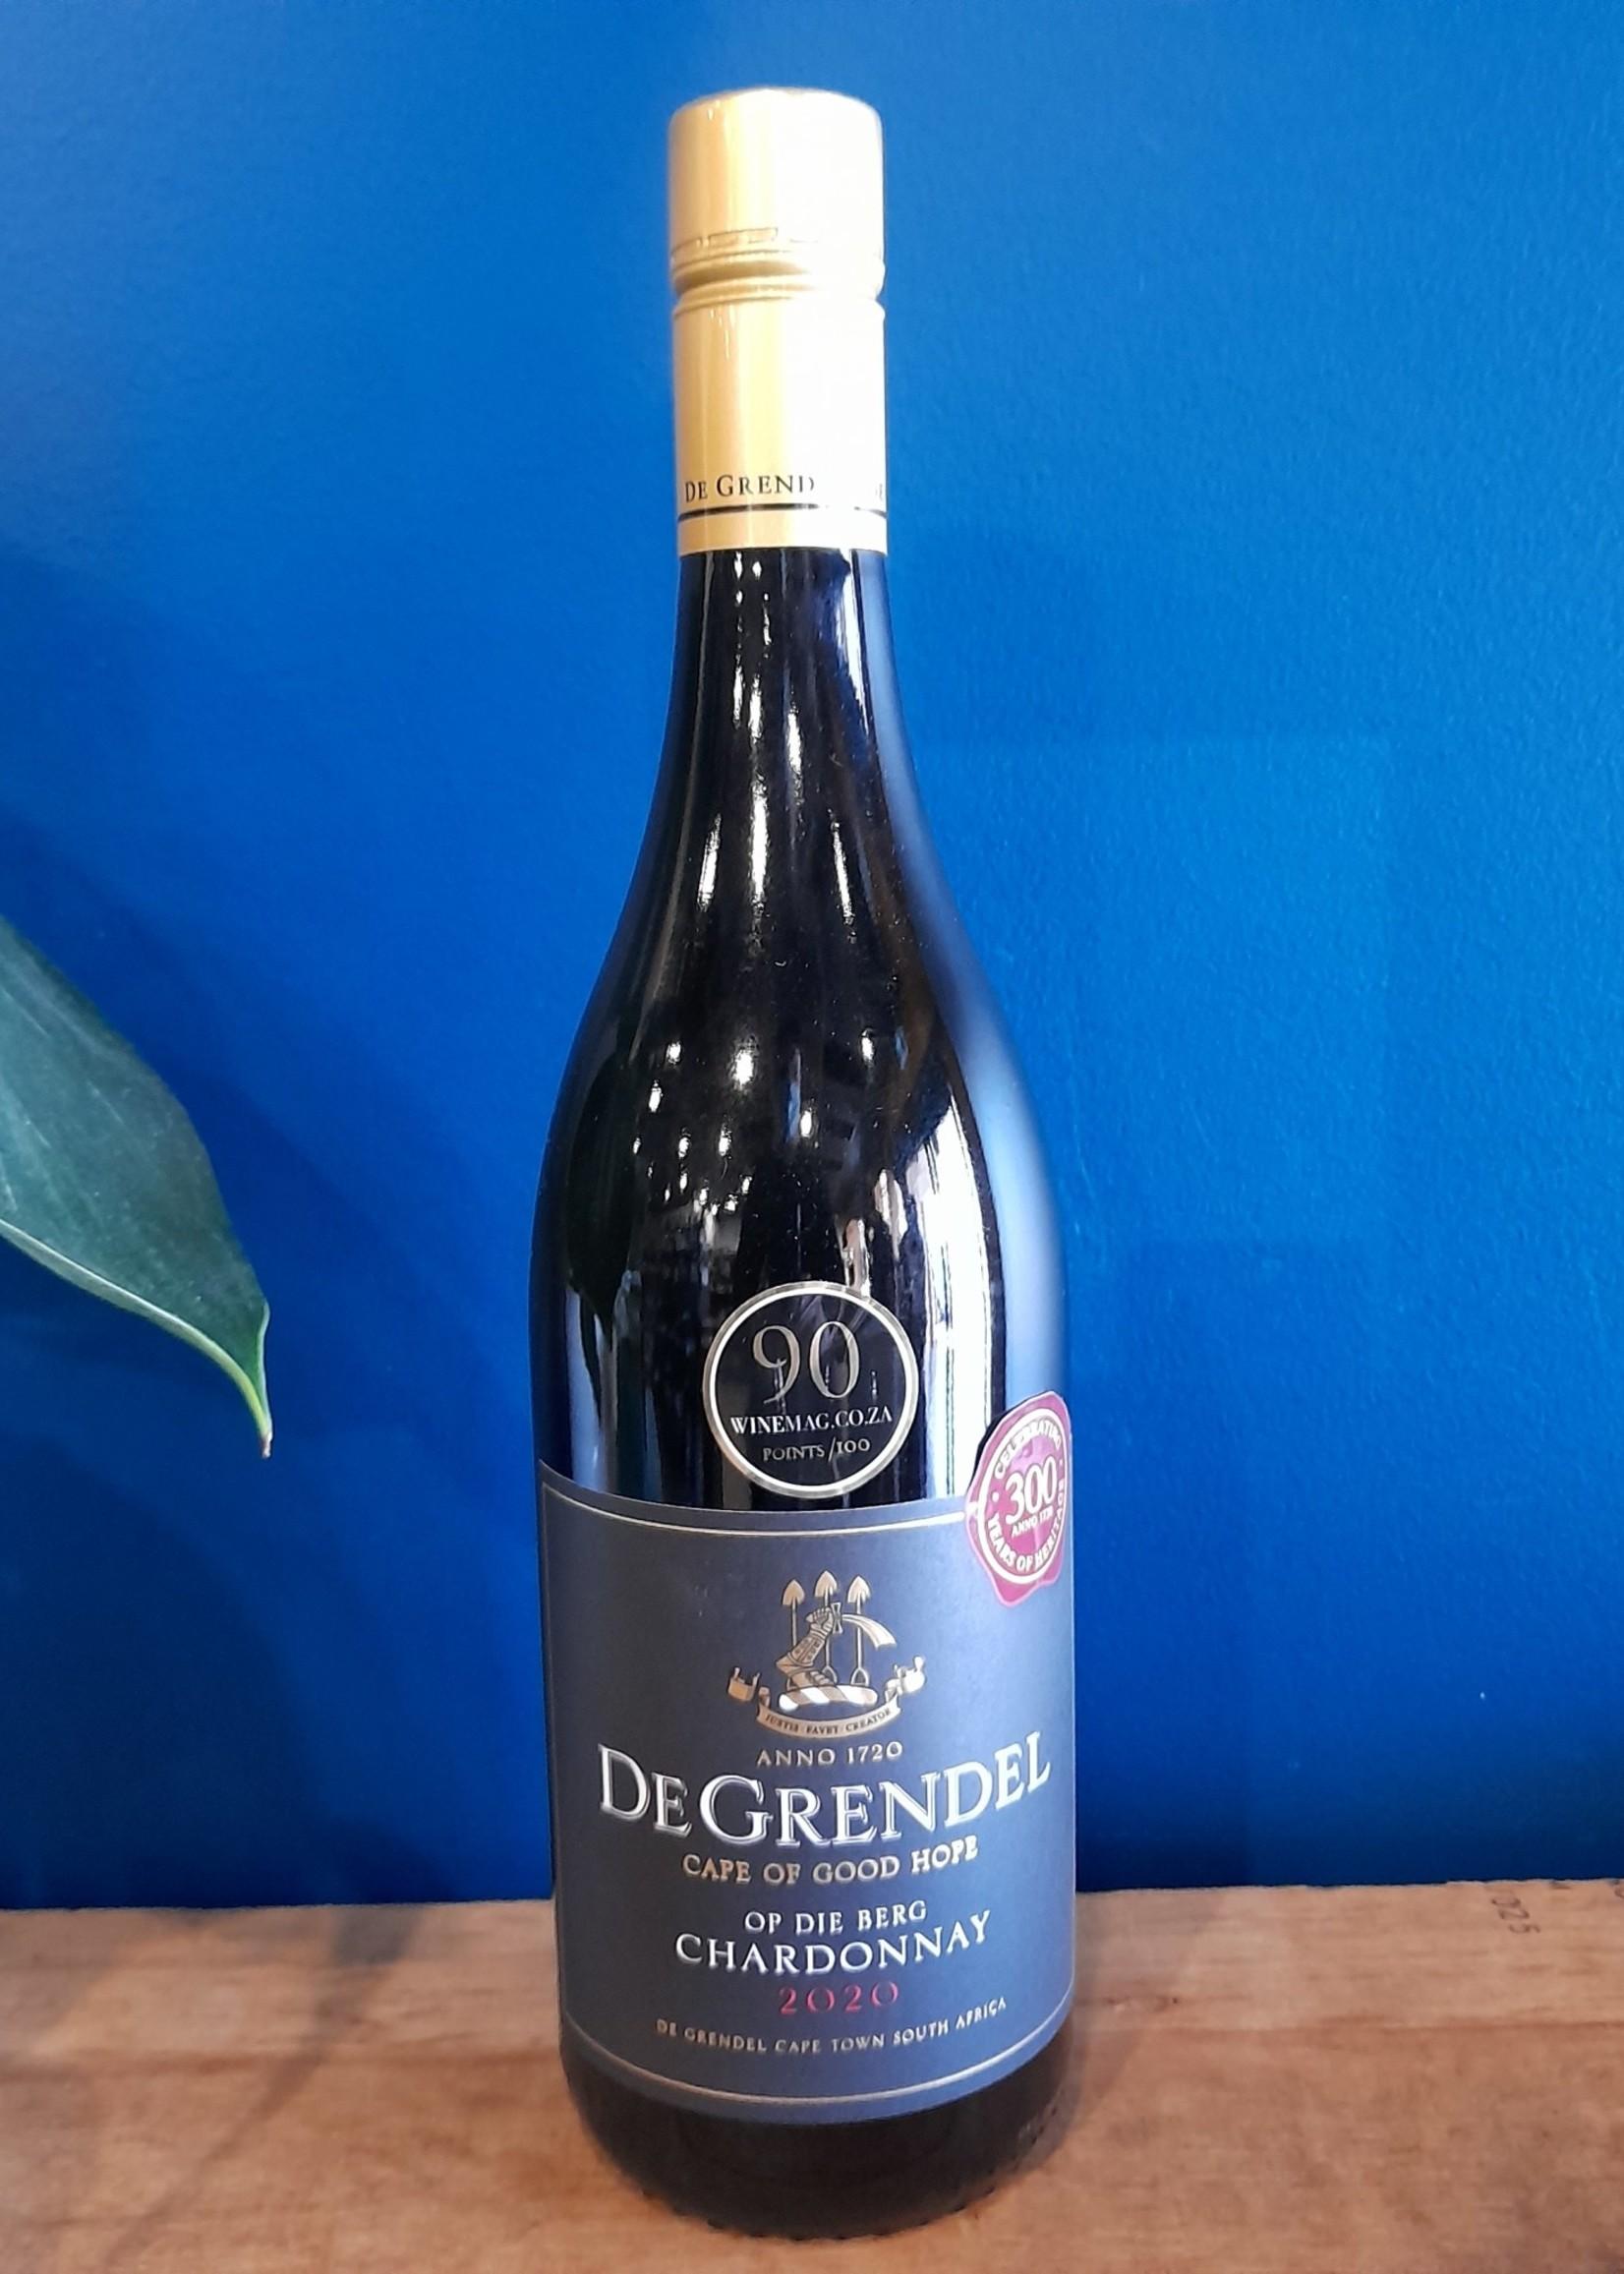 De Grendel 2020 De Grendel Chardonnay